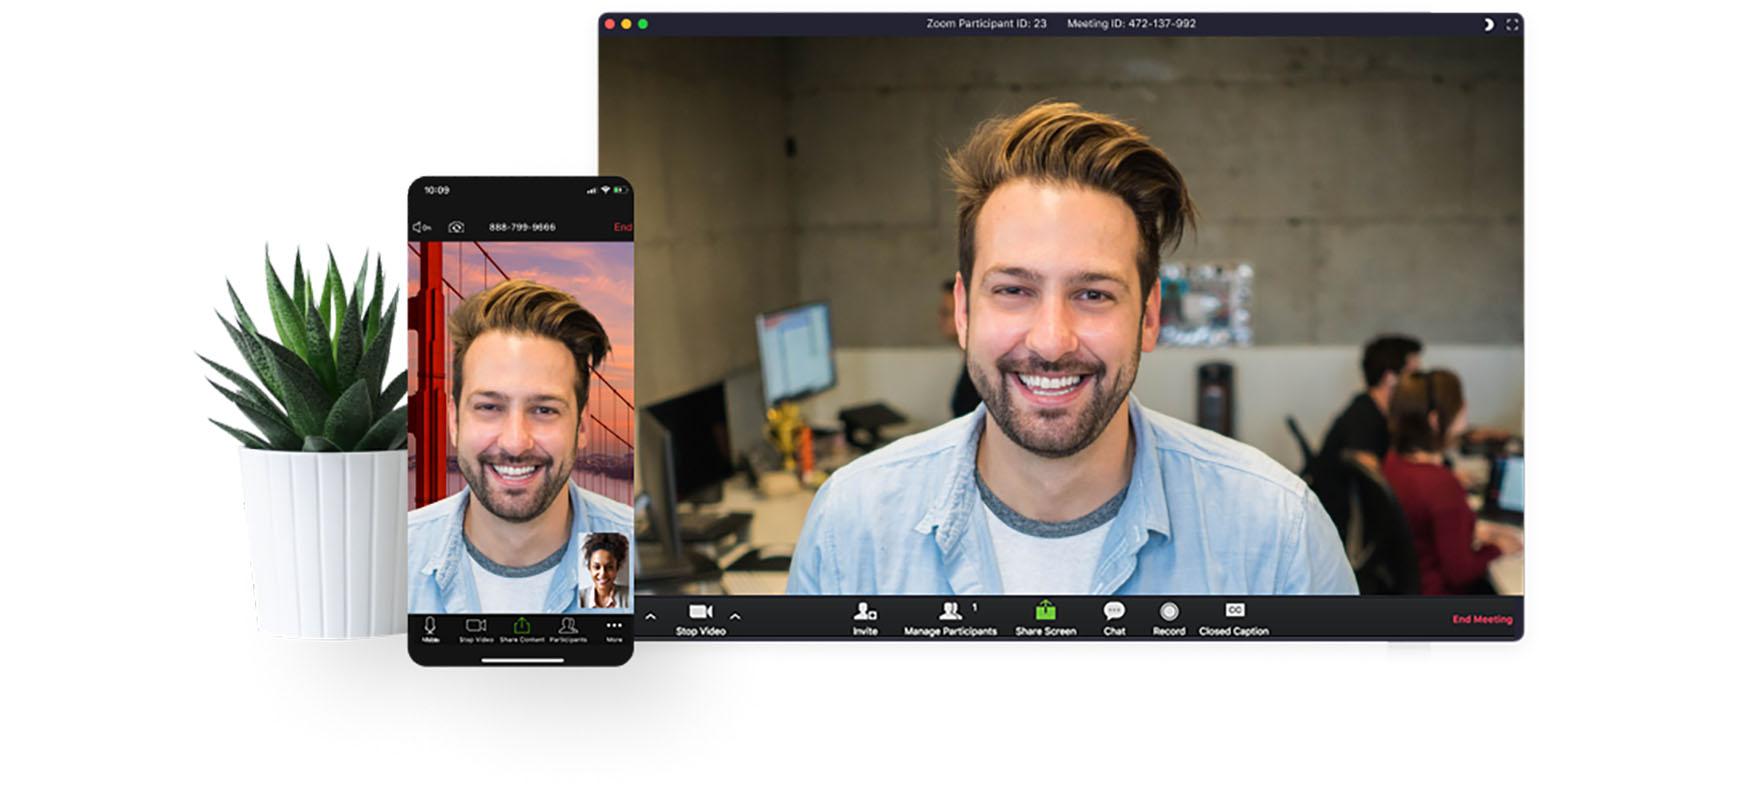 Ustekabeko agerraldiaren eragina: Zoom-ek Gmail-ek salto egin du, Skype'eta Facebook.  Nondik dator ospe hori?